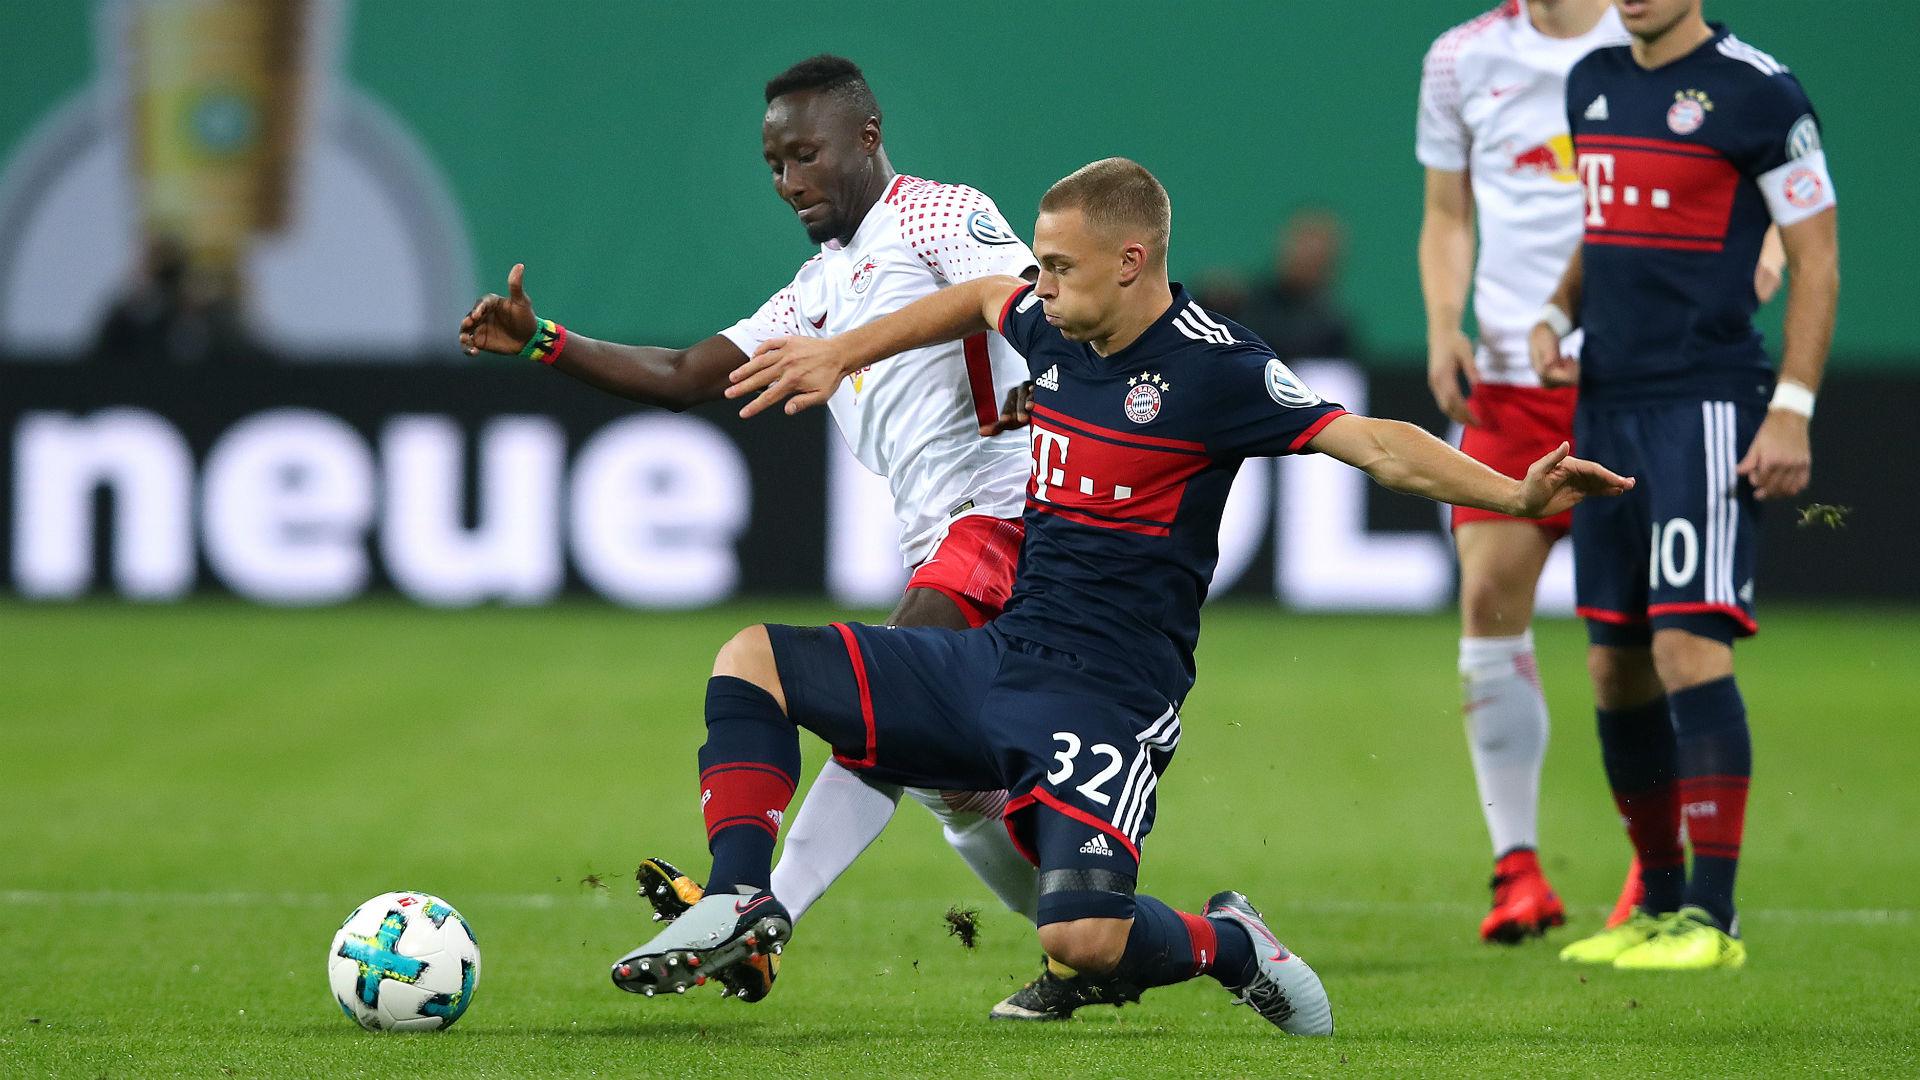 Leipzig should have respect in the Bundesliga - Rummenigge